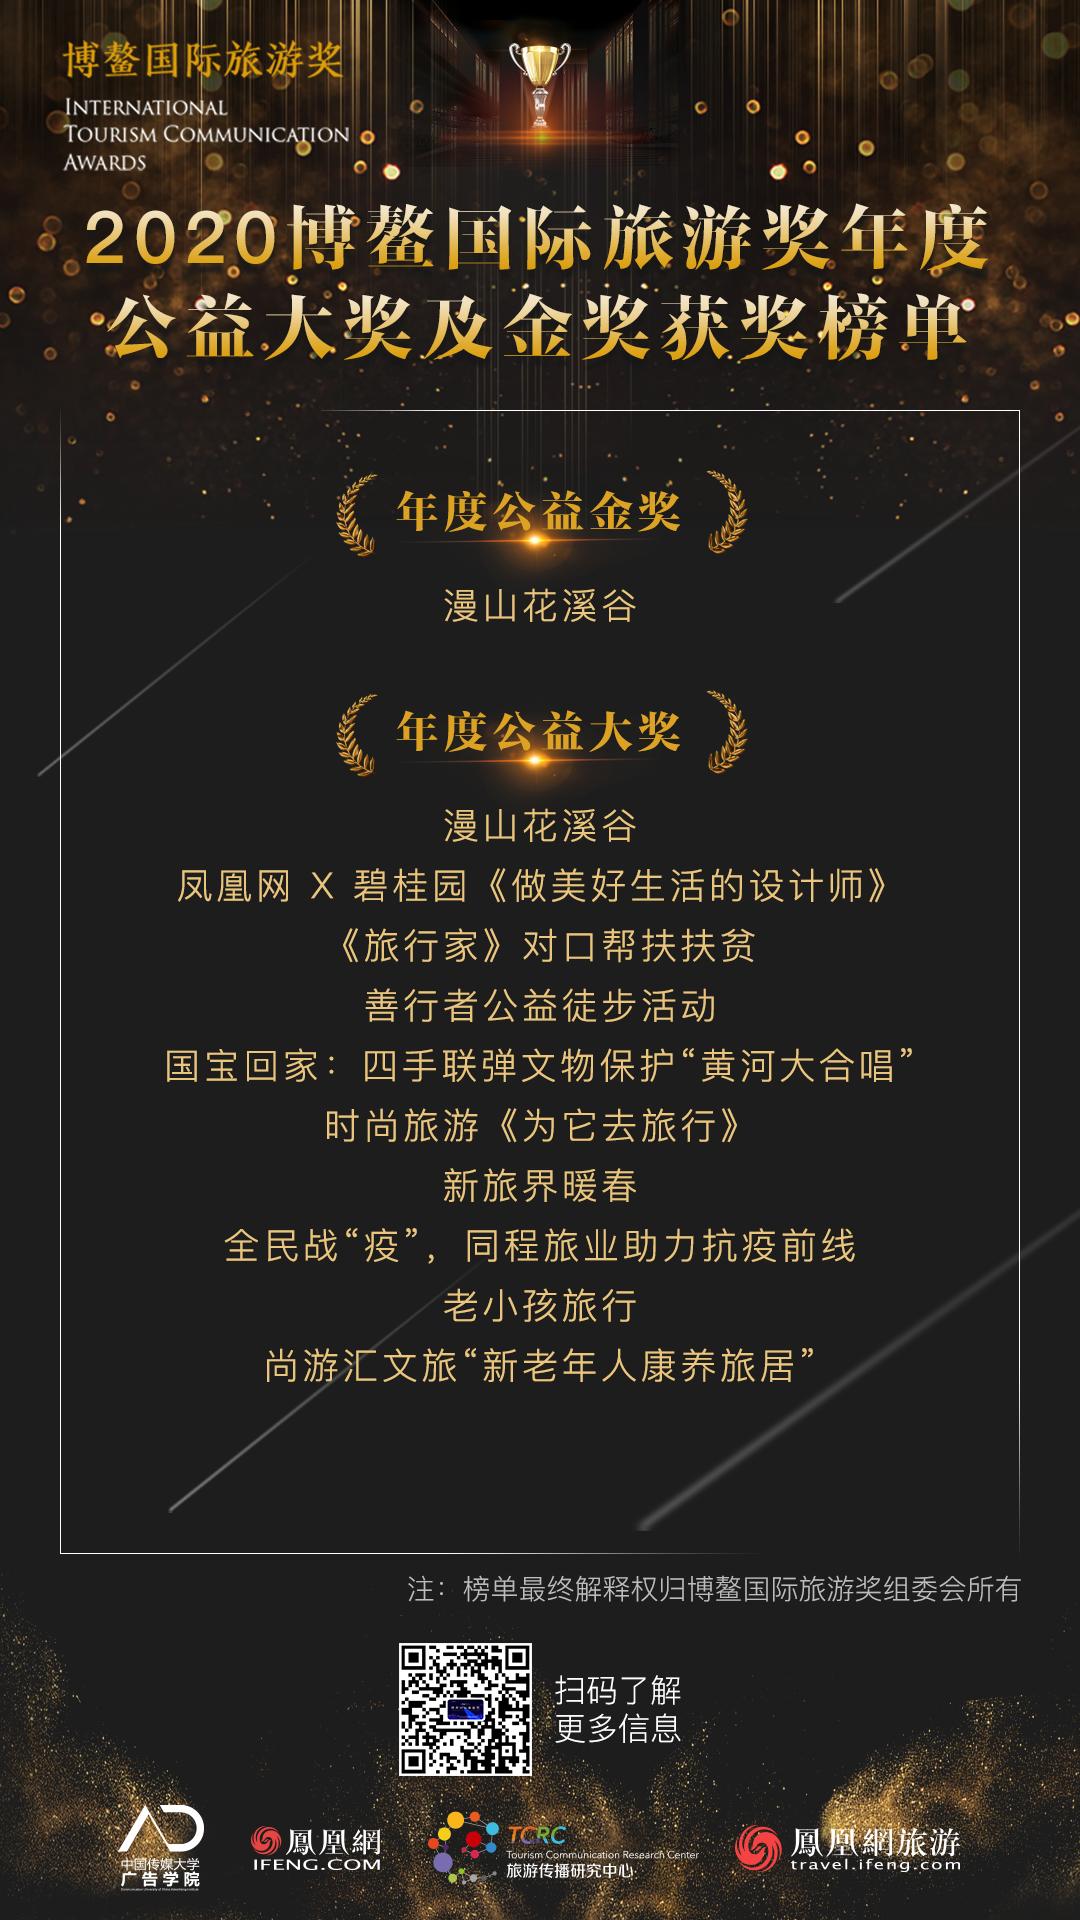 荣耀之夜!2020博鳌国际旅游奖年度公益大奖及金奖获奖名单公示